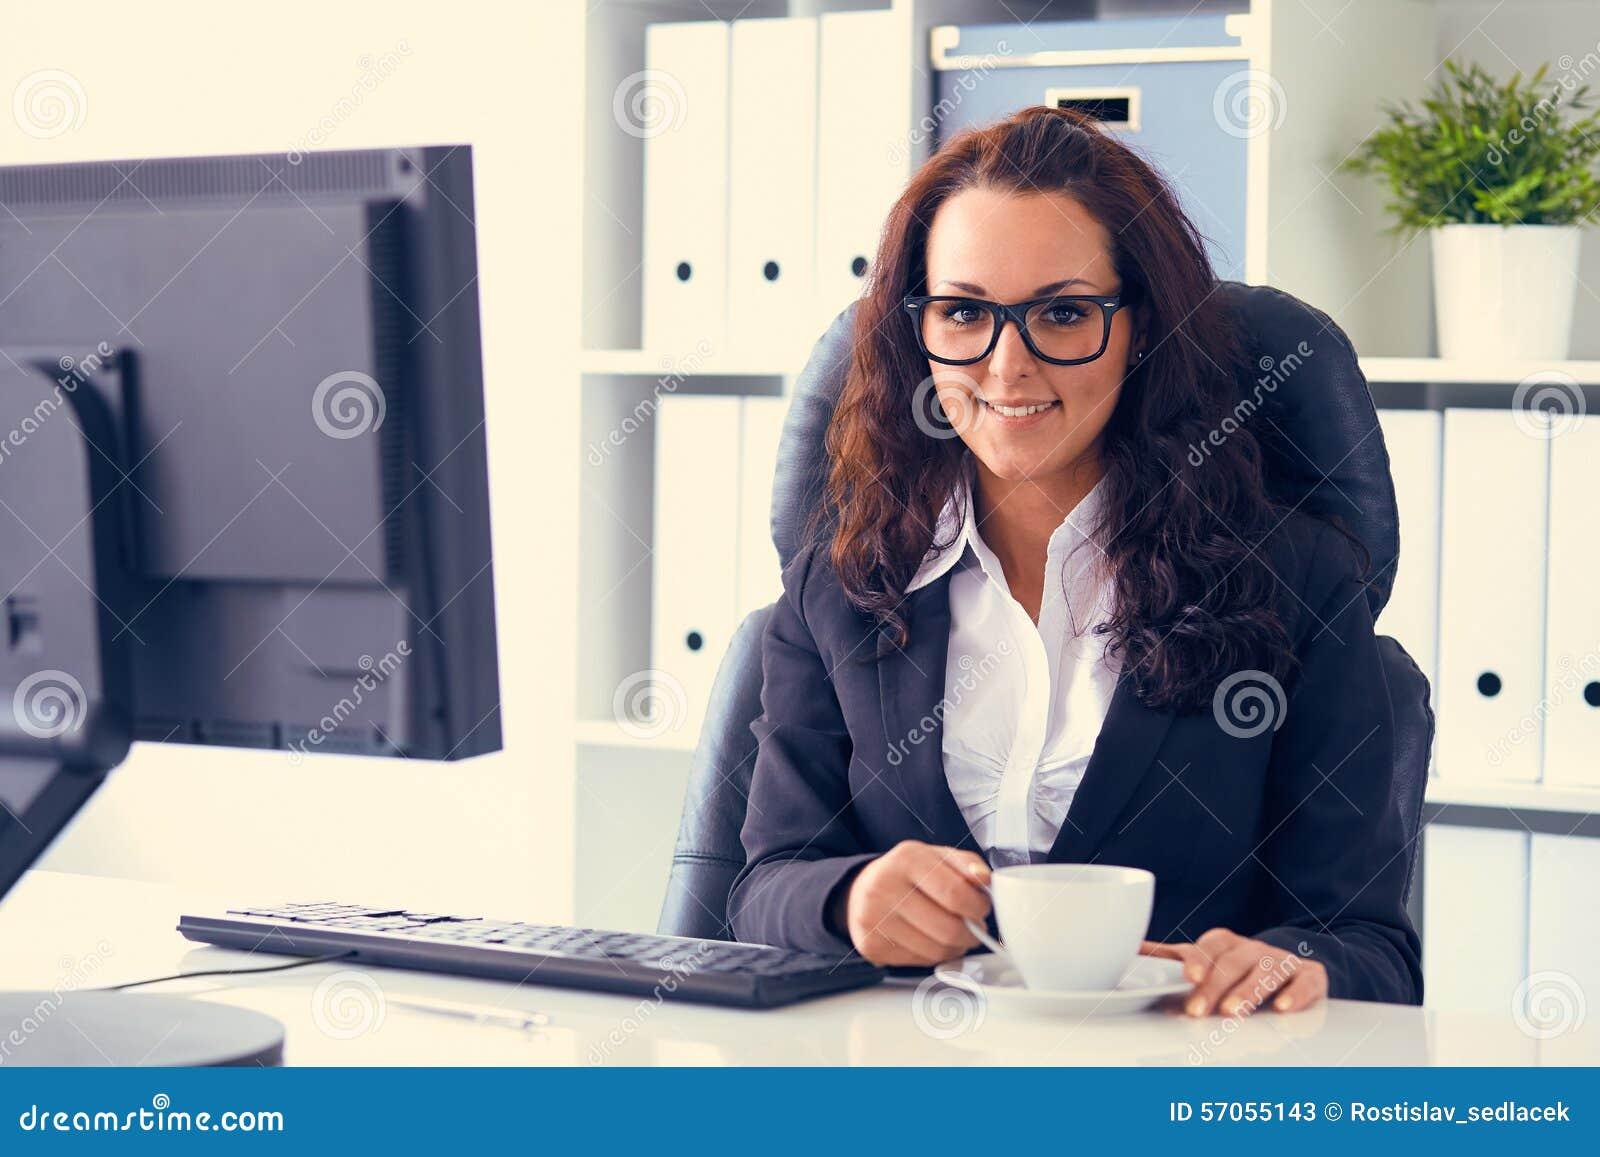 Kobieta pije kawę w biurze